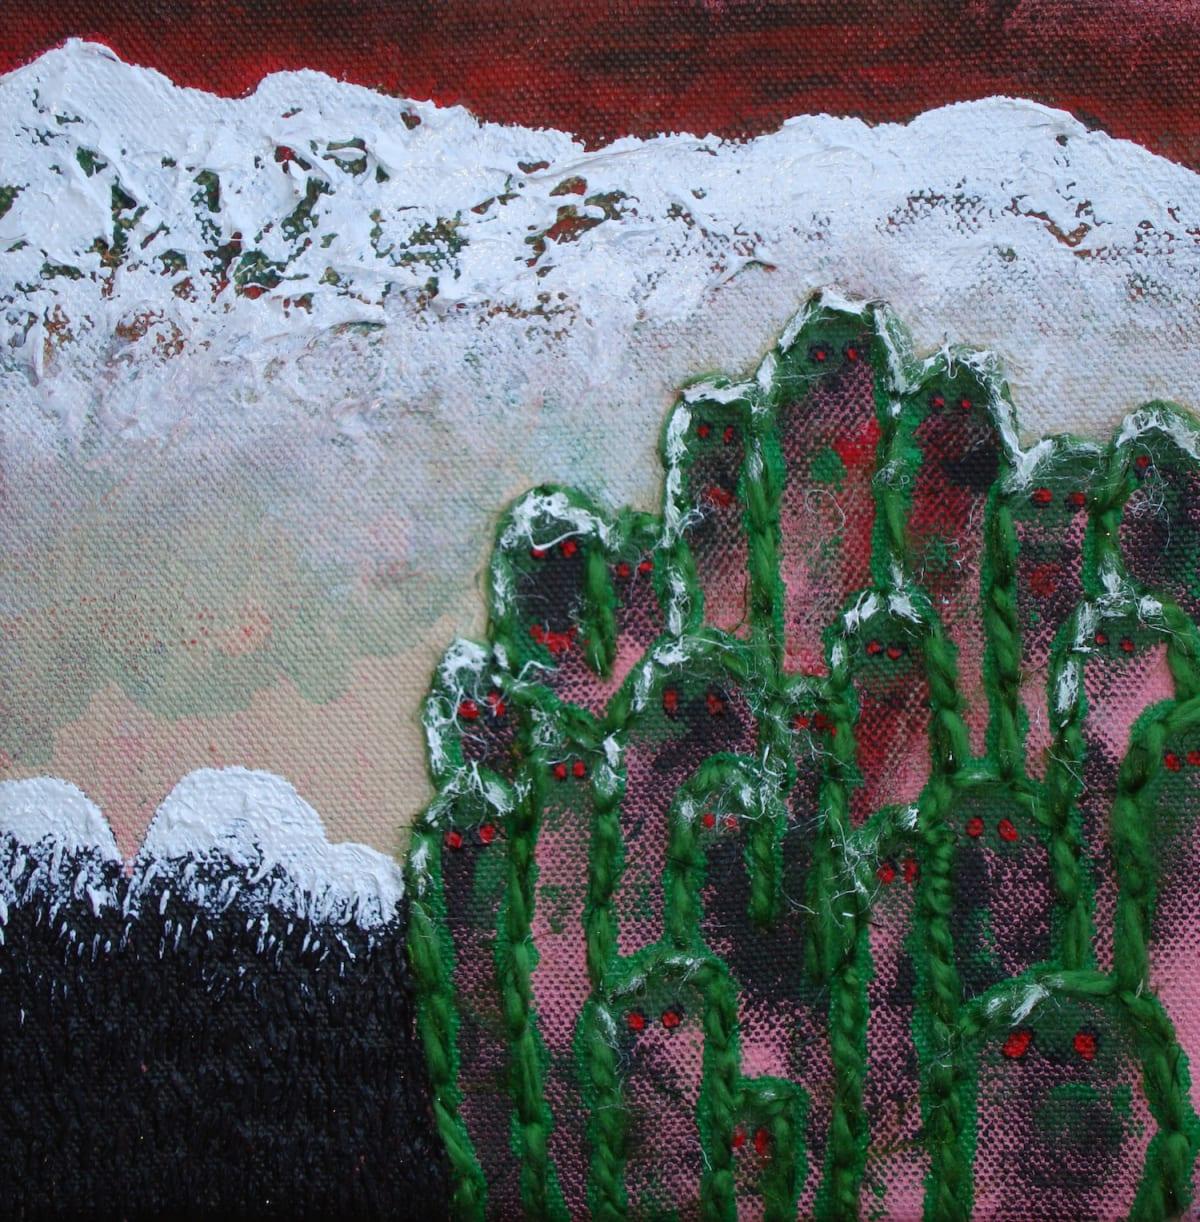 Stephen Eastaugh Ah Boon Haw / Tiger Balm Garden 2013 acrylic, thread, linen 20 x 20 cm